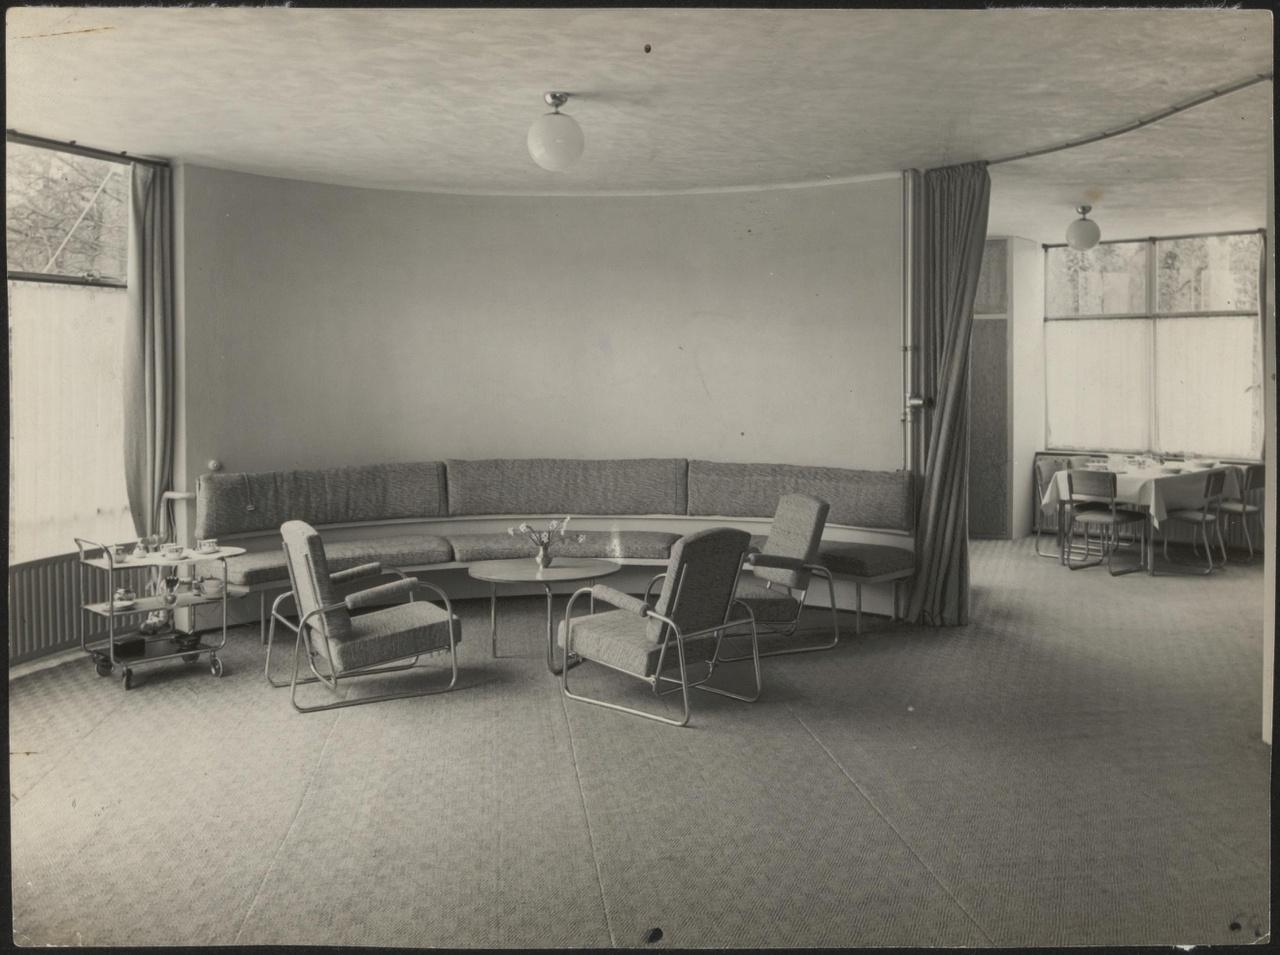 Afbeelding van woning Székely, kamer met zithoek en doorkijkje